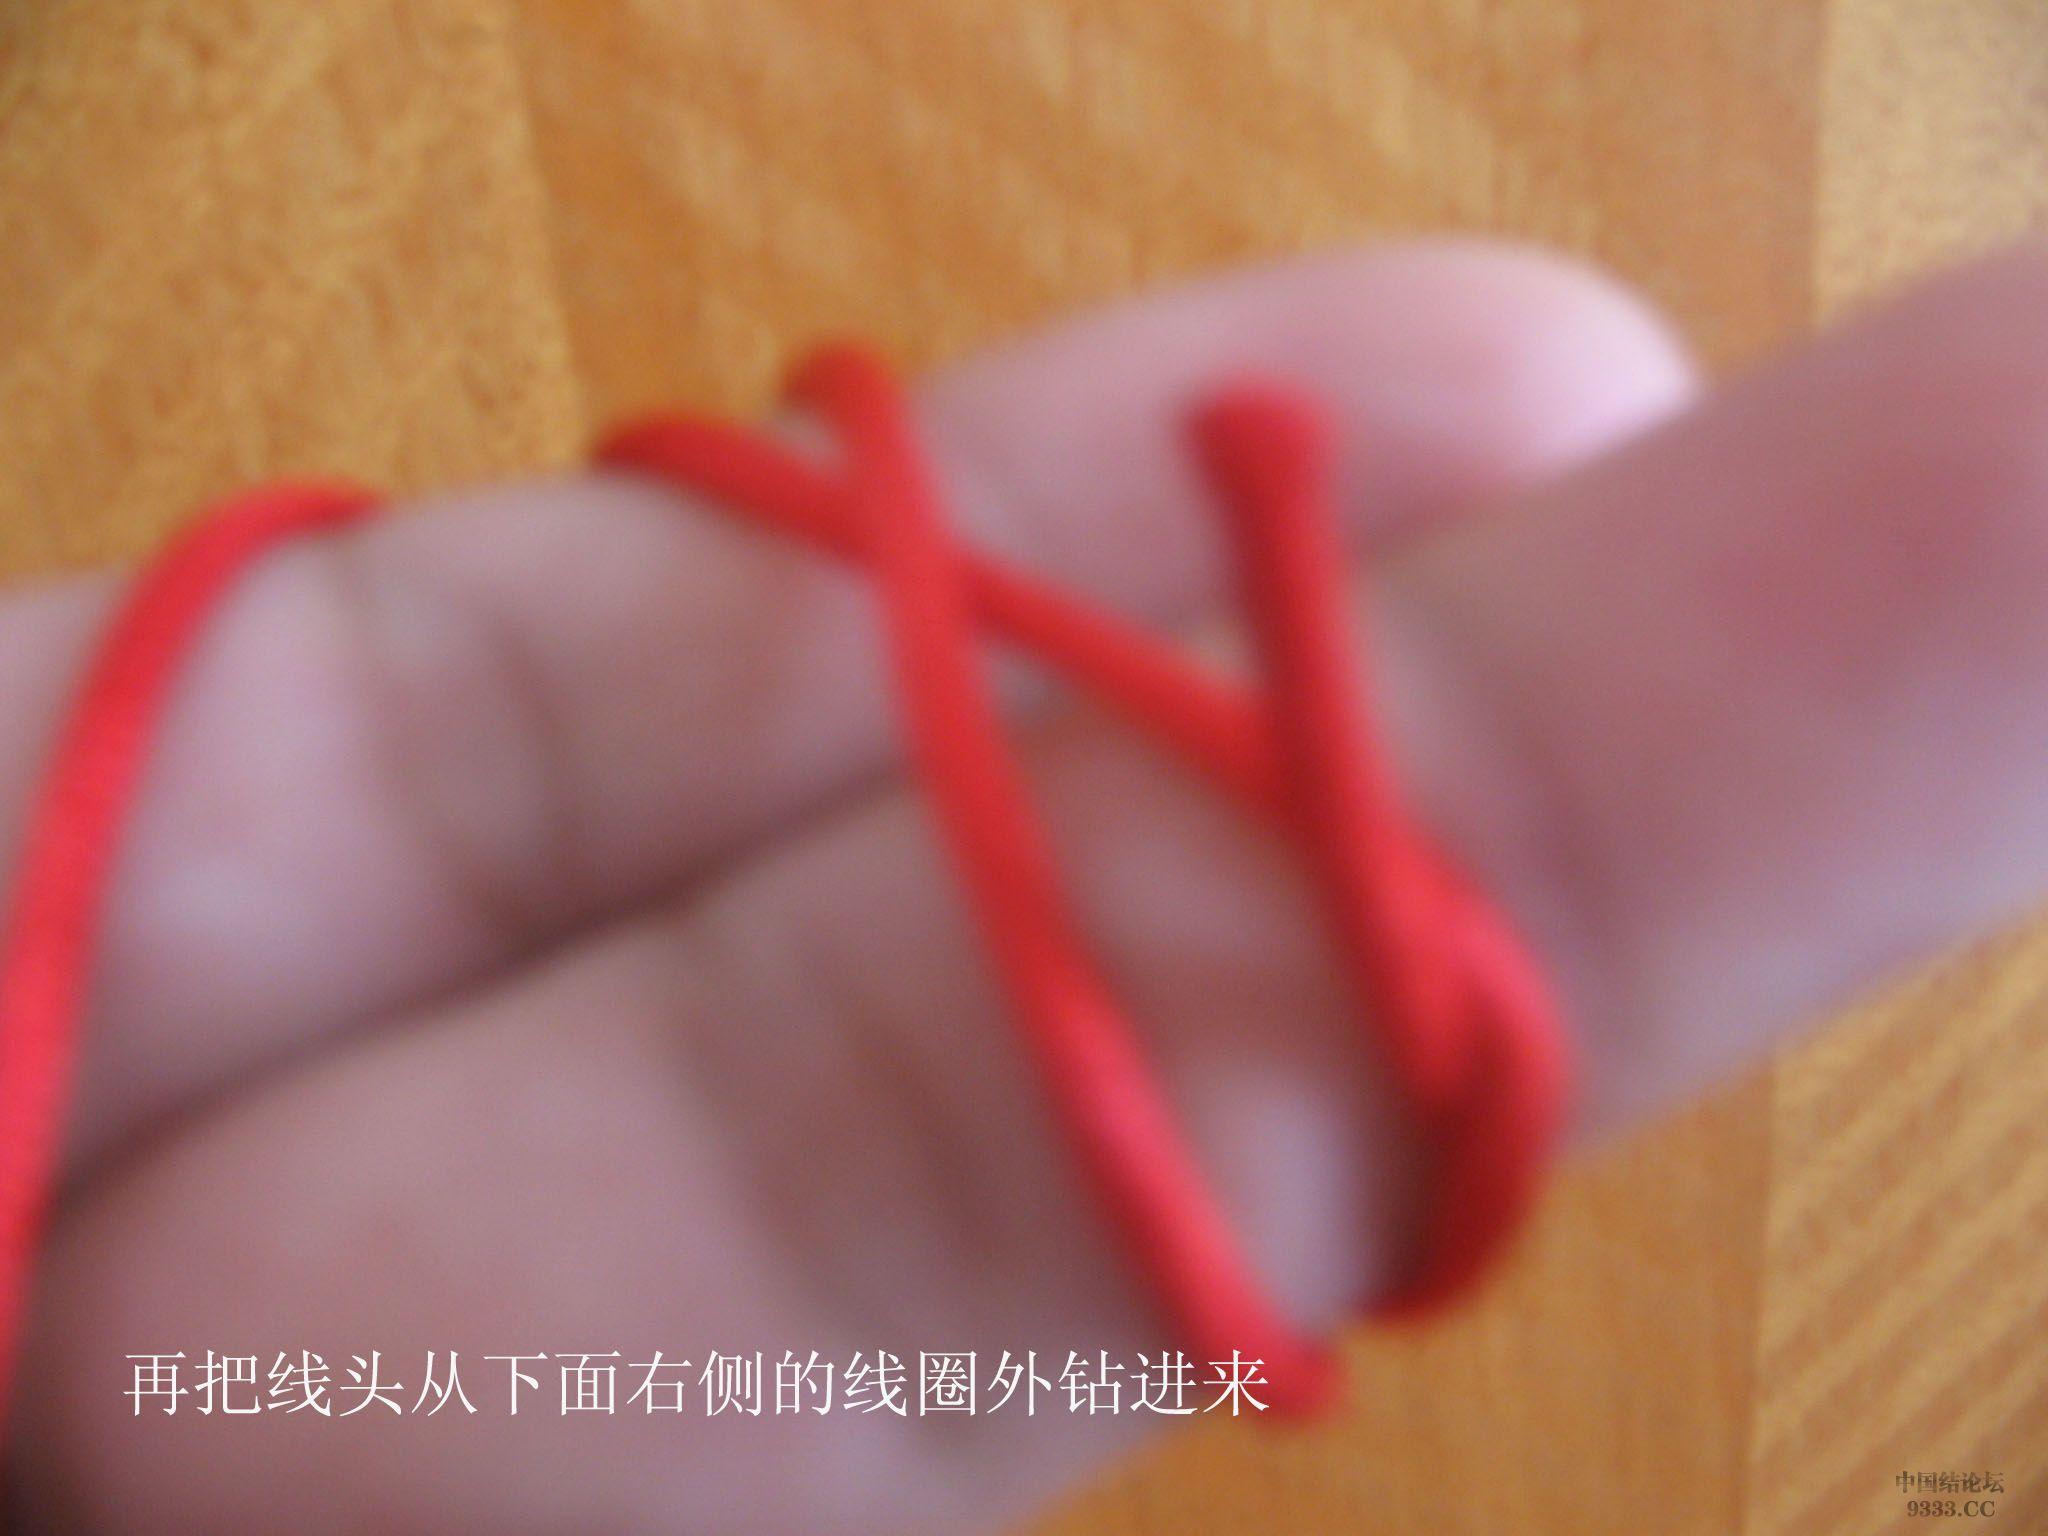 中国结论坛 原创-双钱结的快速编制方法 双钱结 基本结-新手入门必看 0907240955778b660015b39495